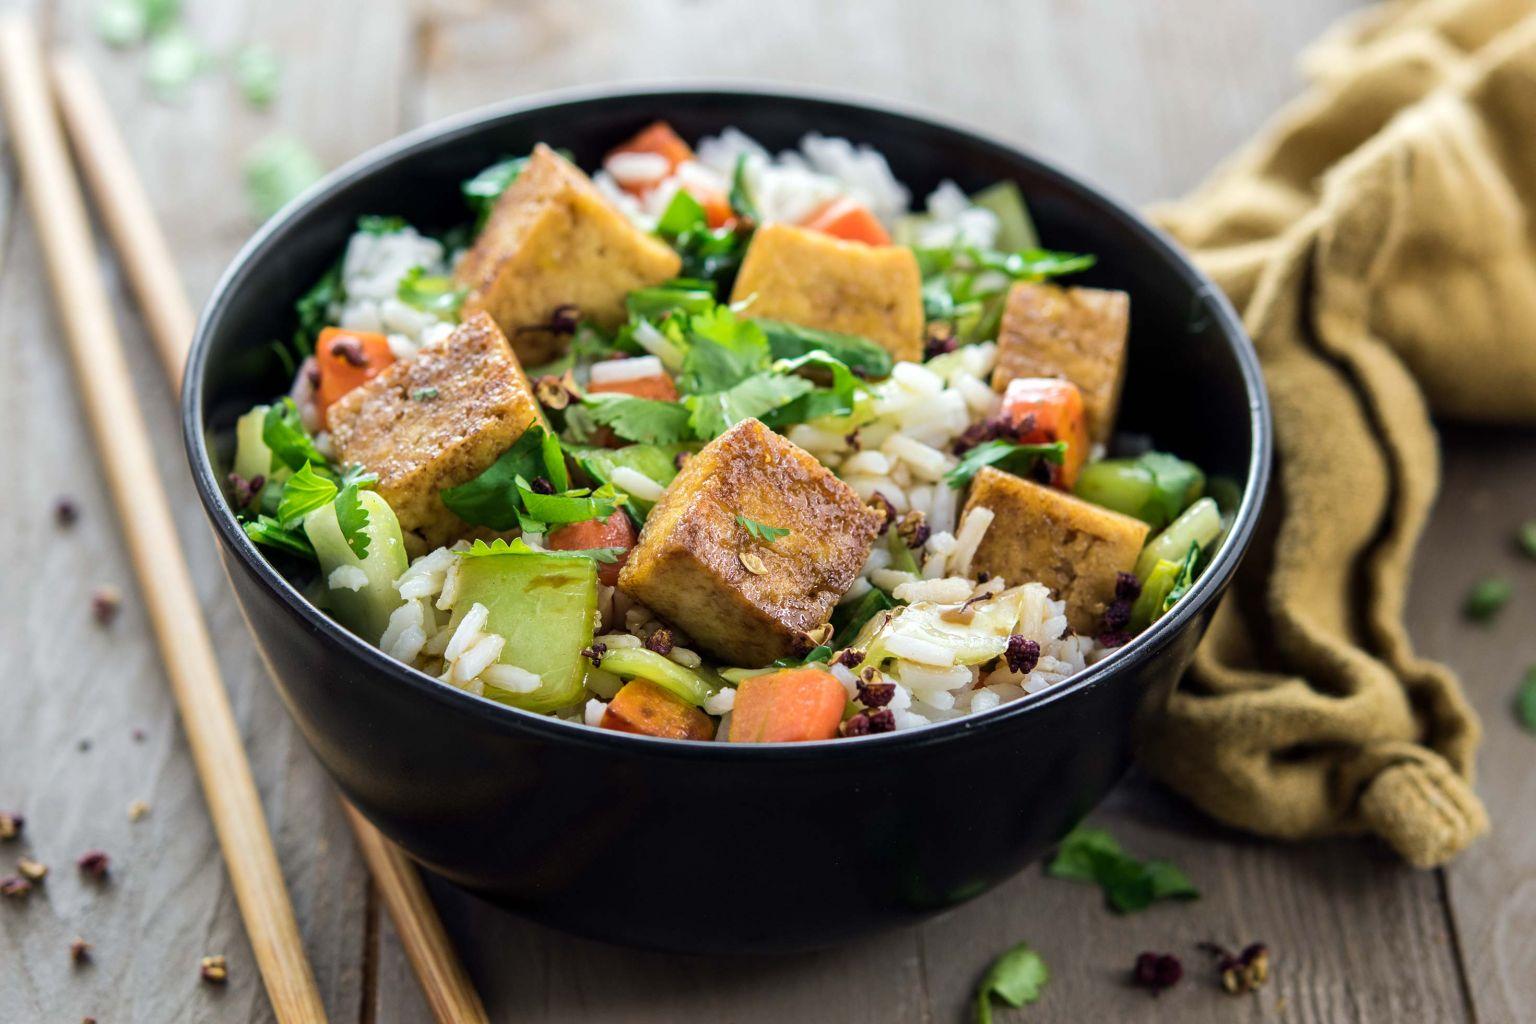 Recette de mapo tofu, au poivre de Sichuan